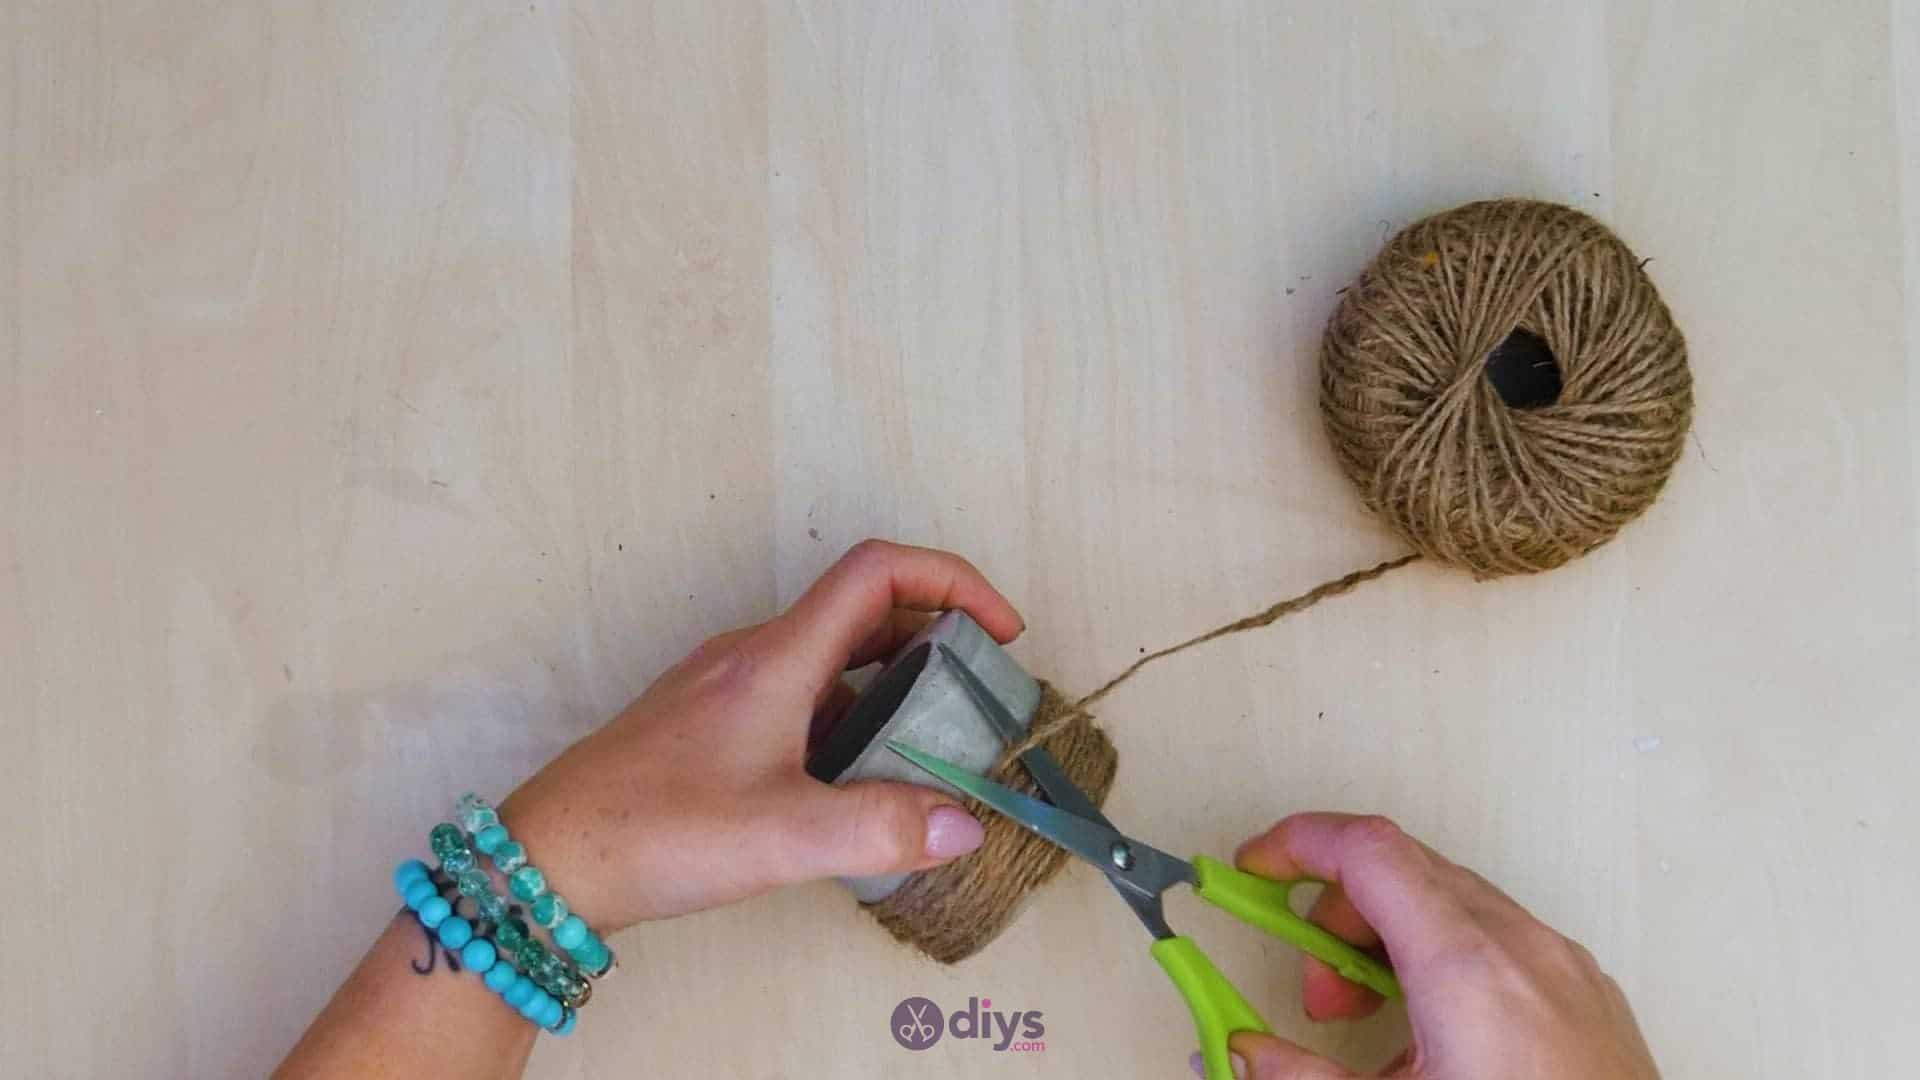 Diy small concrete planter step 7b